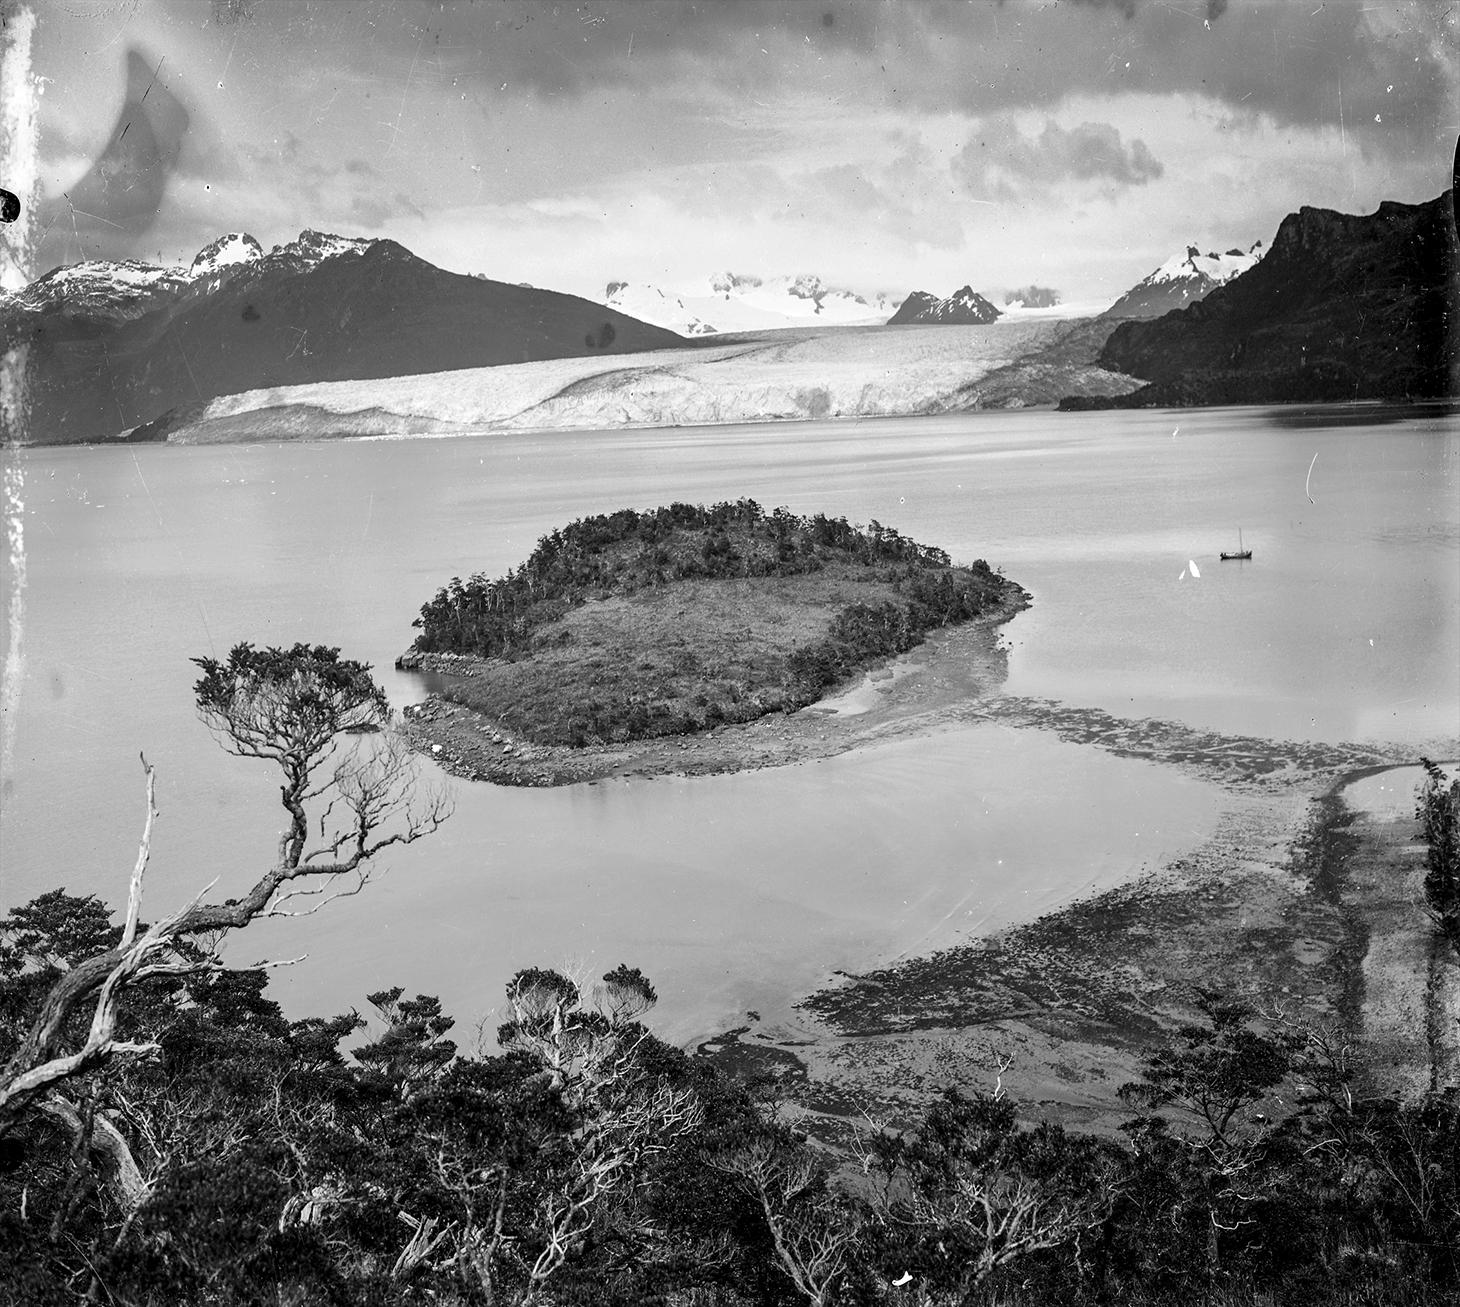 Bahia Ainsworth et Glacier Marinelli, février 1914 © Alberto de Agostini, Salesian Musée Maggiorinno Borgatello, Punta Arenas, Chili